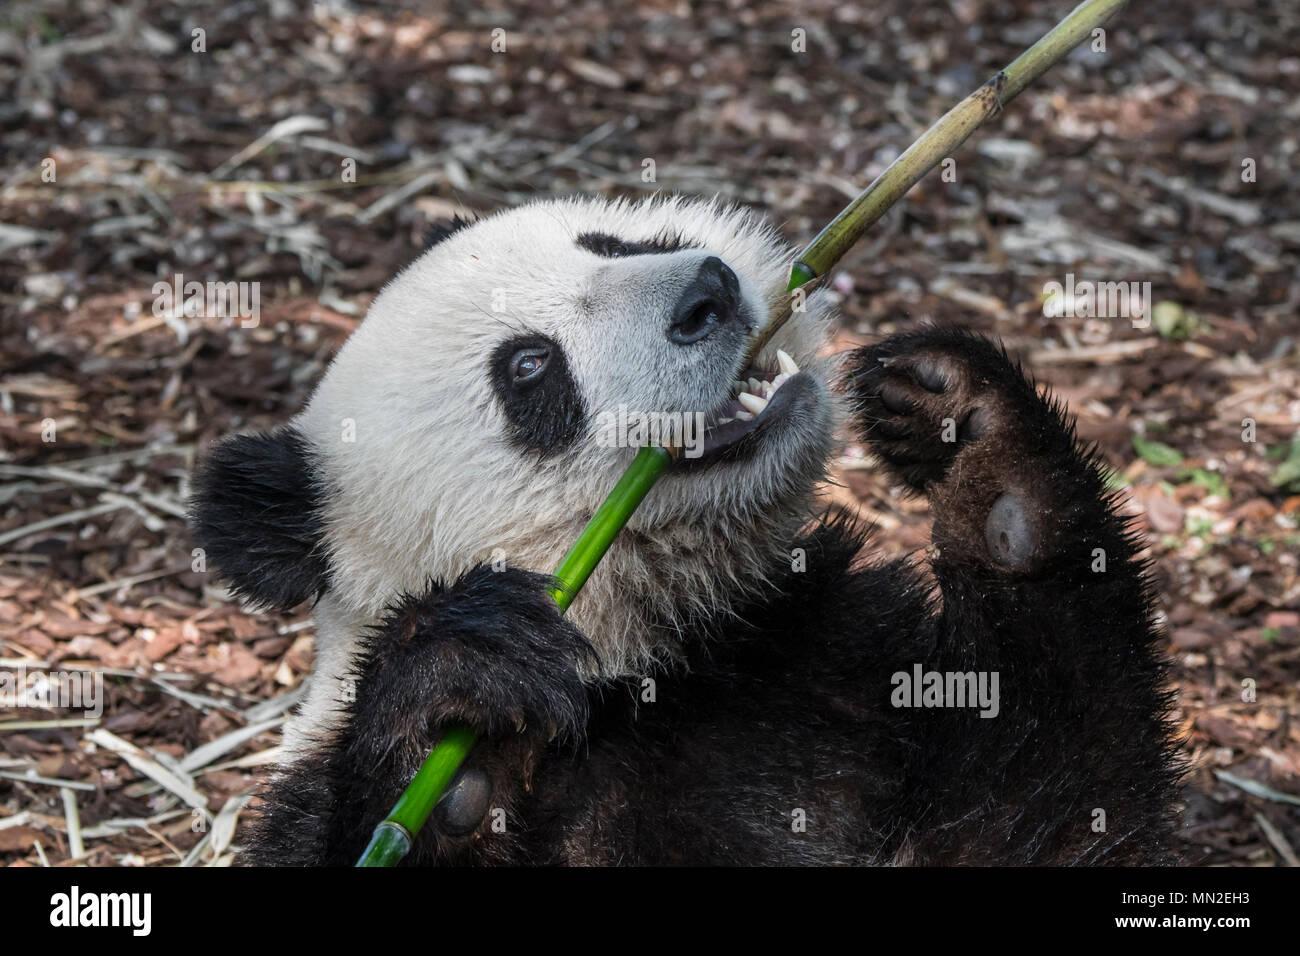 Los jóvenes de dos años, el panda gigante (Ailuropoda melanoleuca) cub comiendo bambú Imagen De Stock